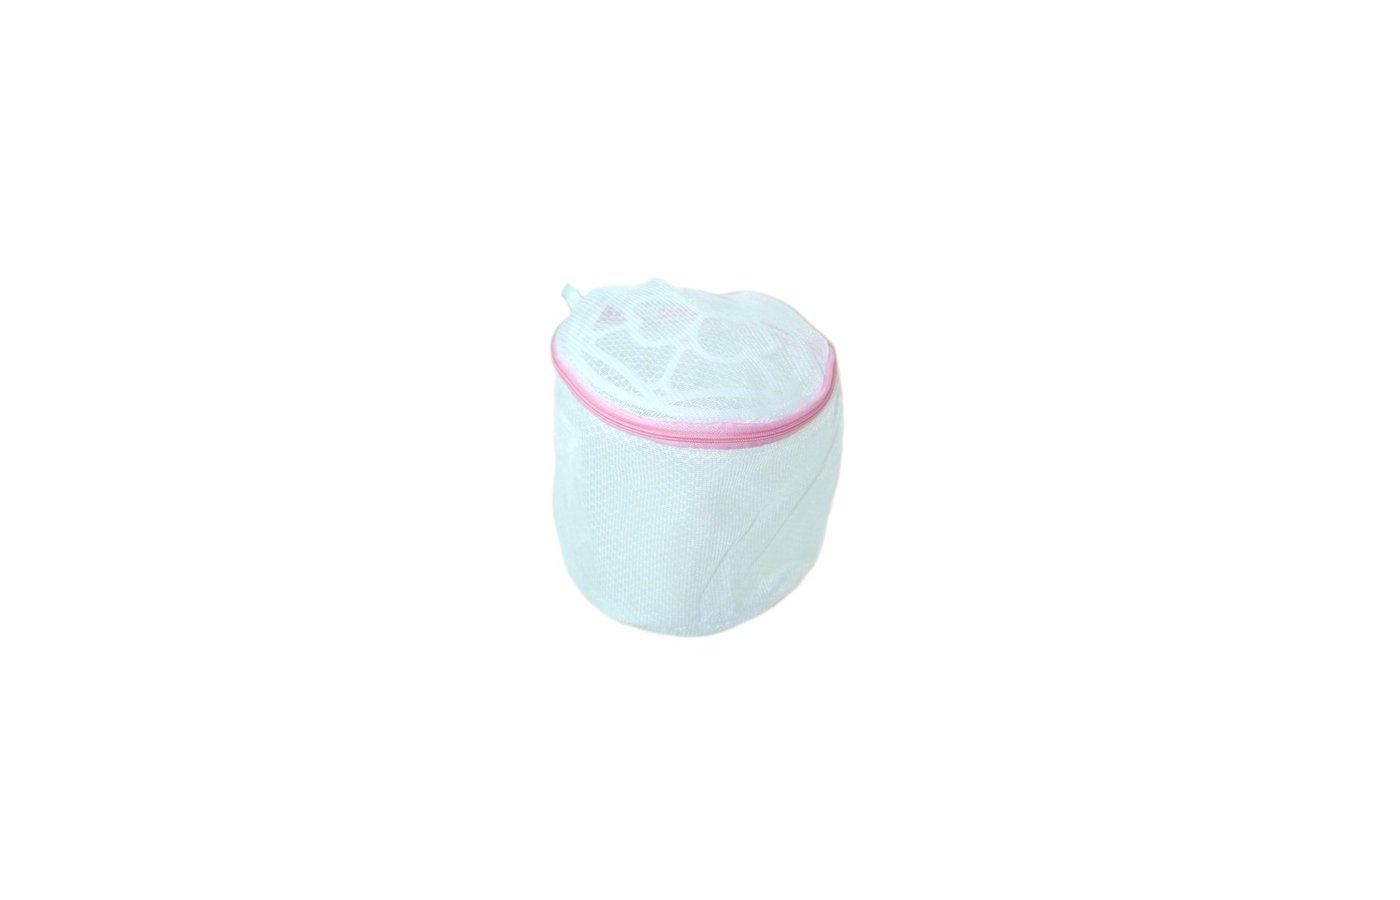 Корзины и контейнеры 452-004 Мешок для стирки нижнего белья пластик полиэстер 15x15x16см